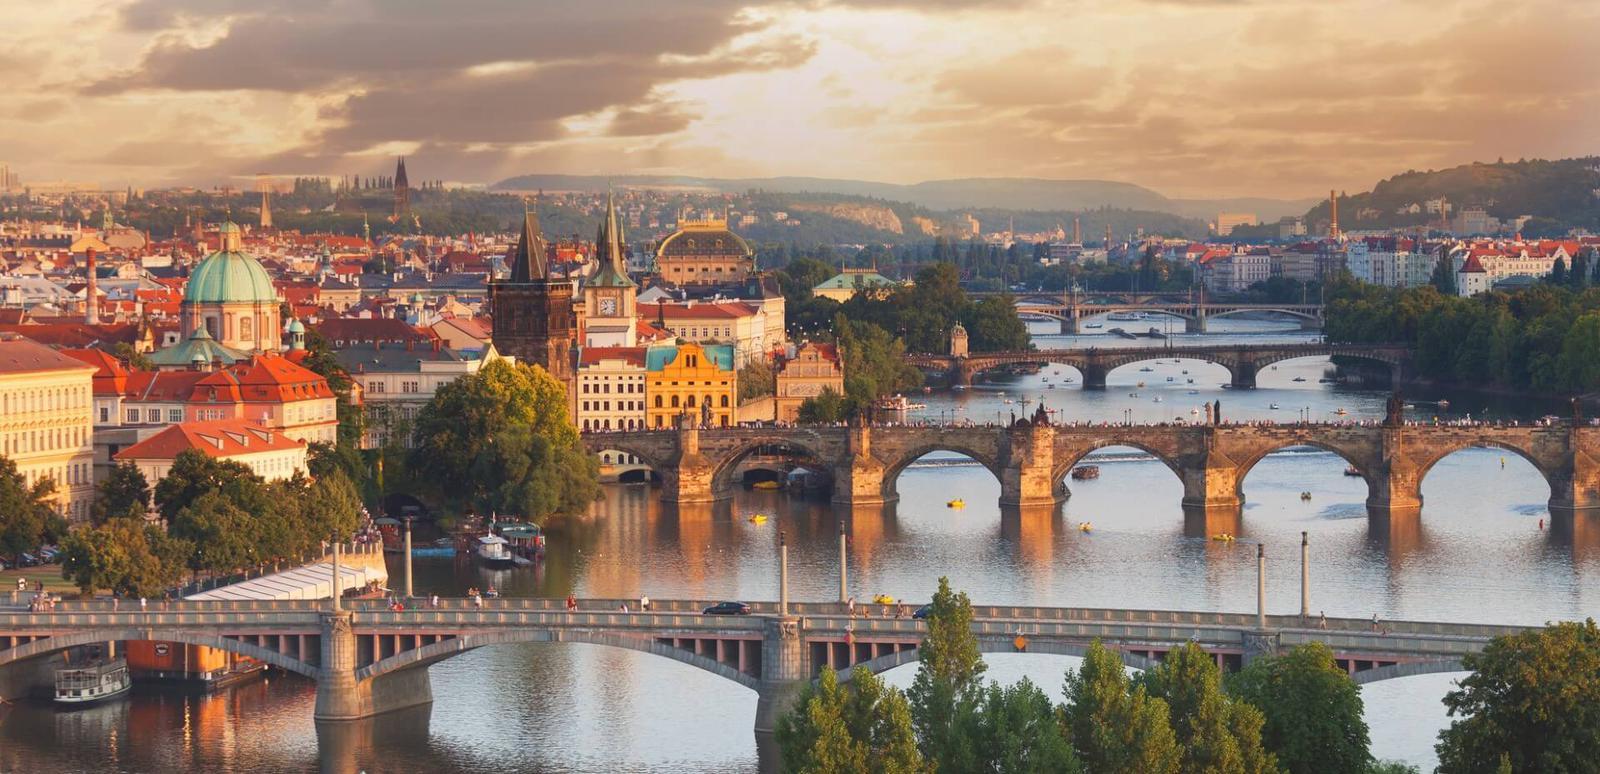 destinos Europeos de moda Praga